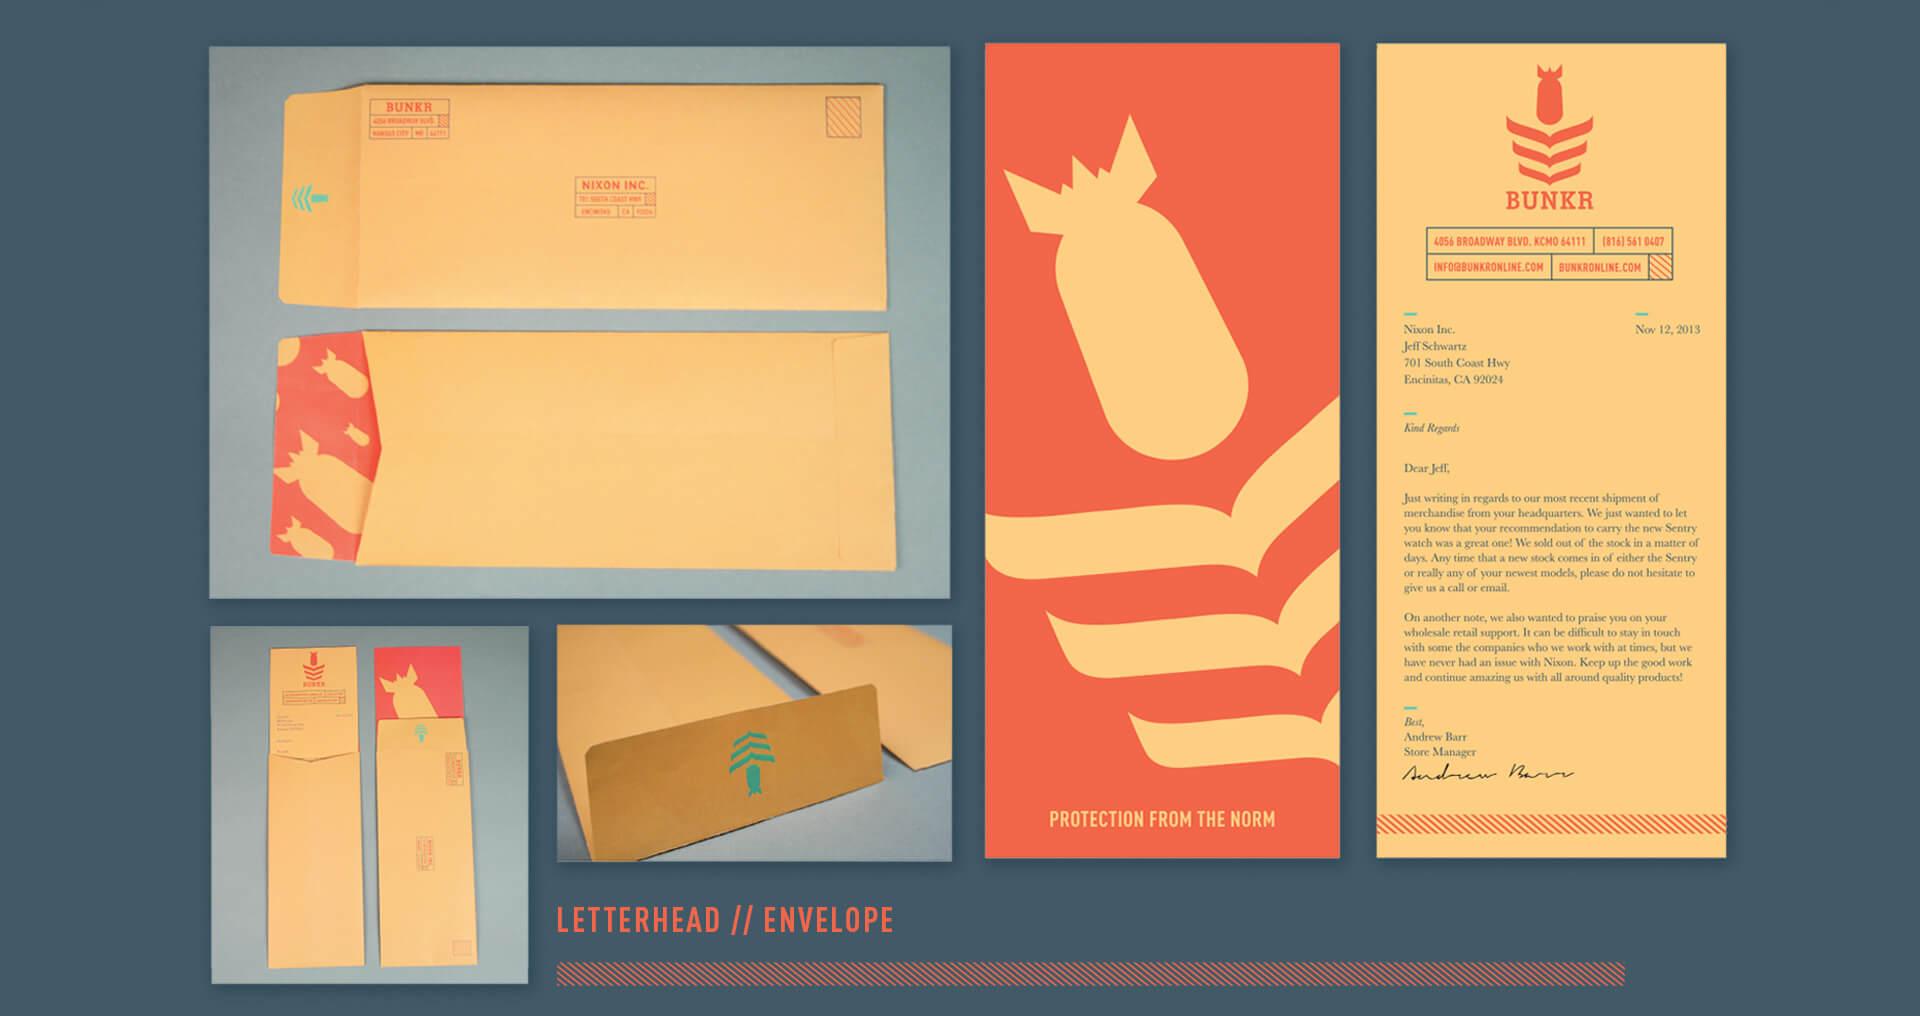 bunkr-letterheadenvelope